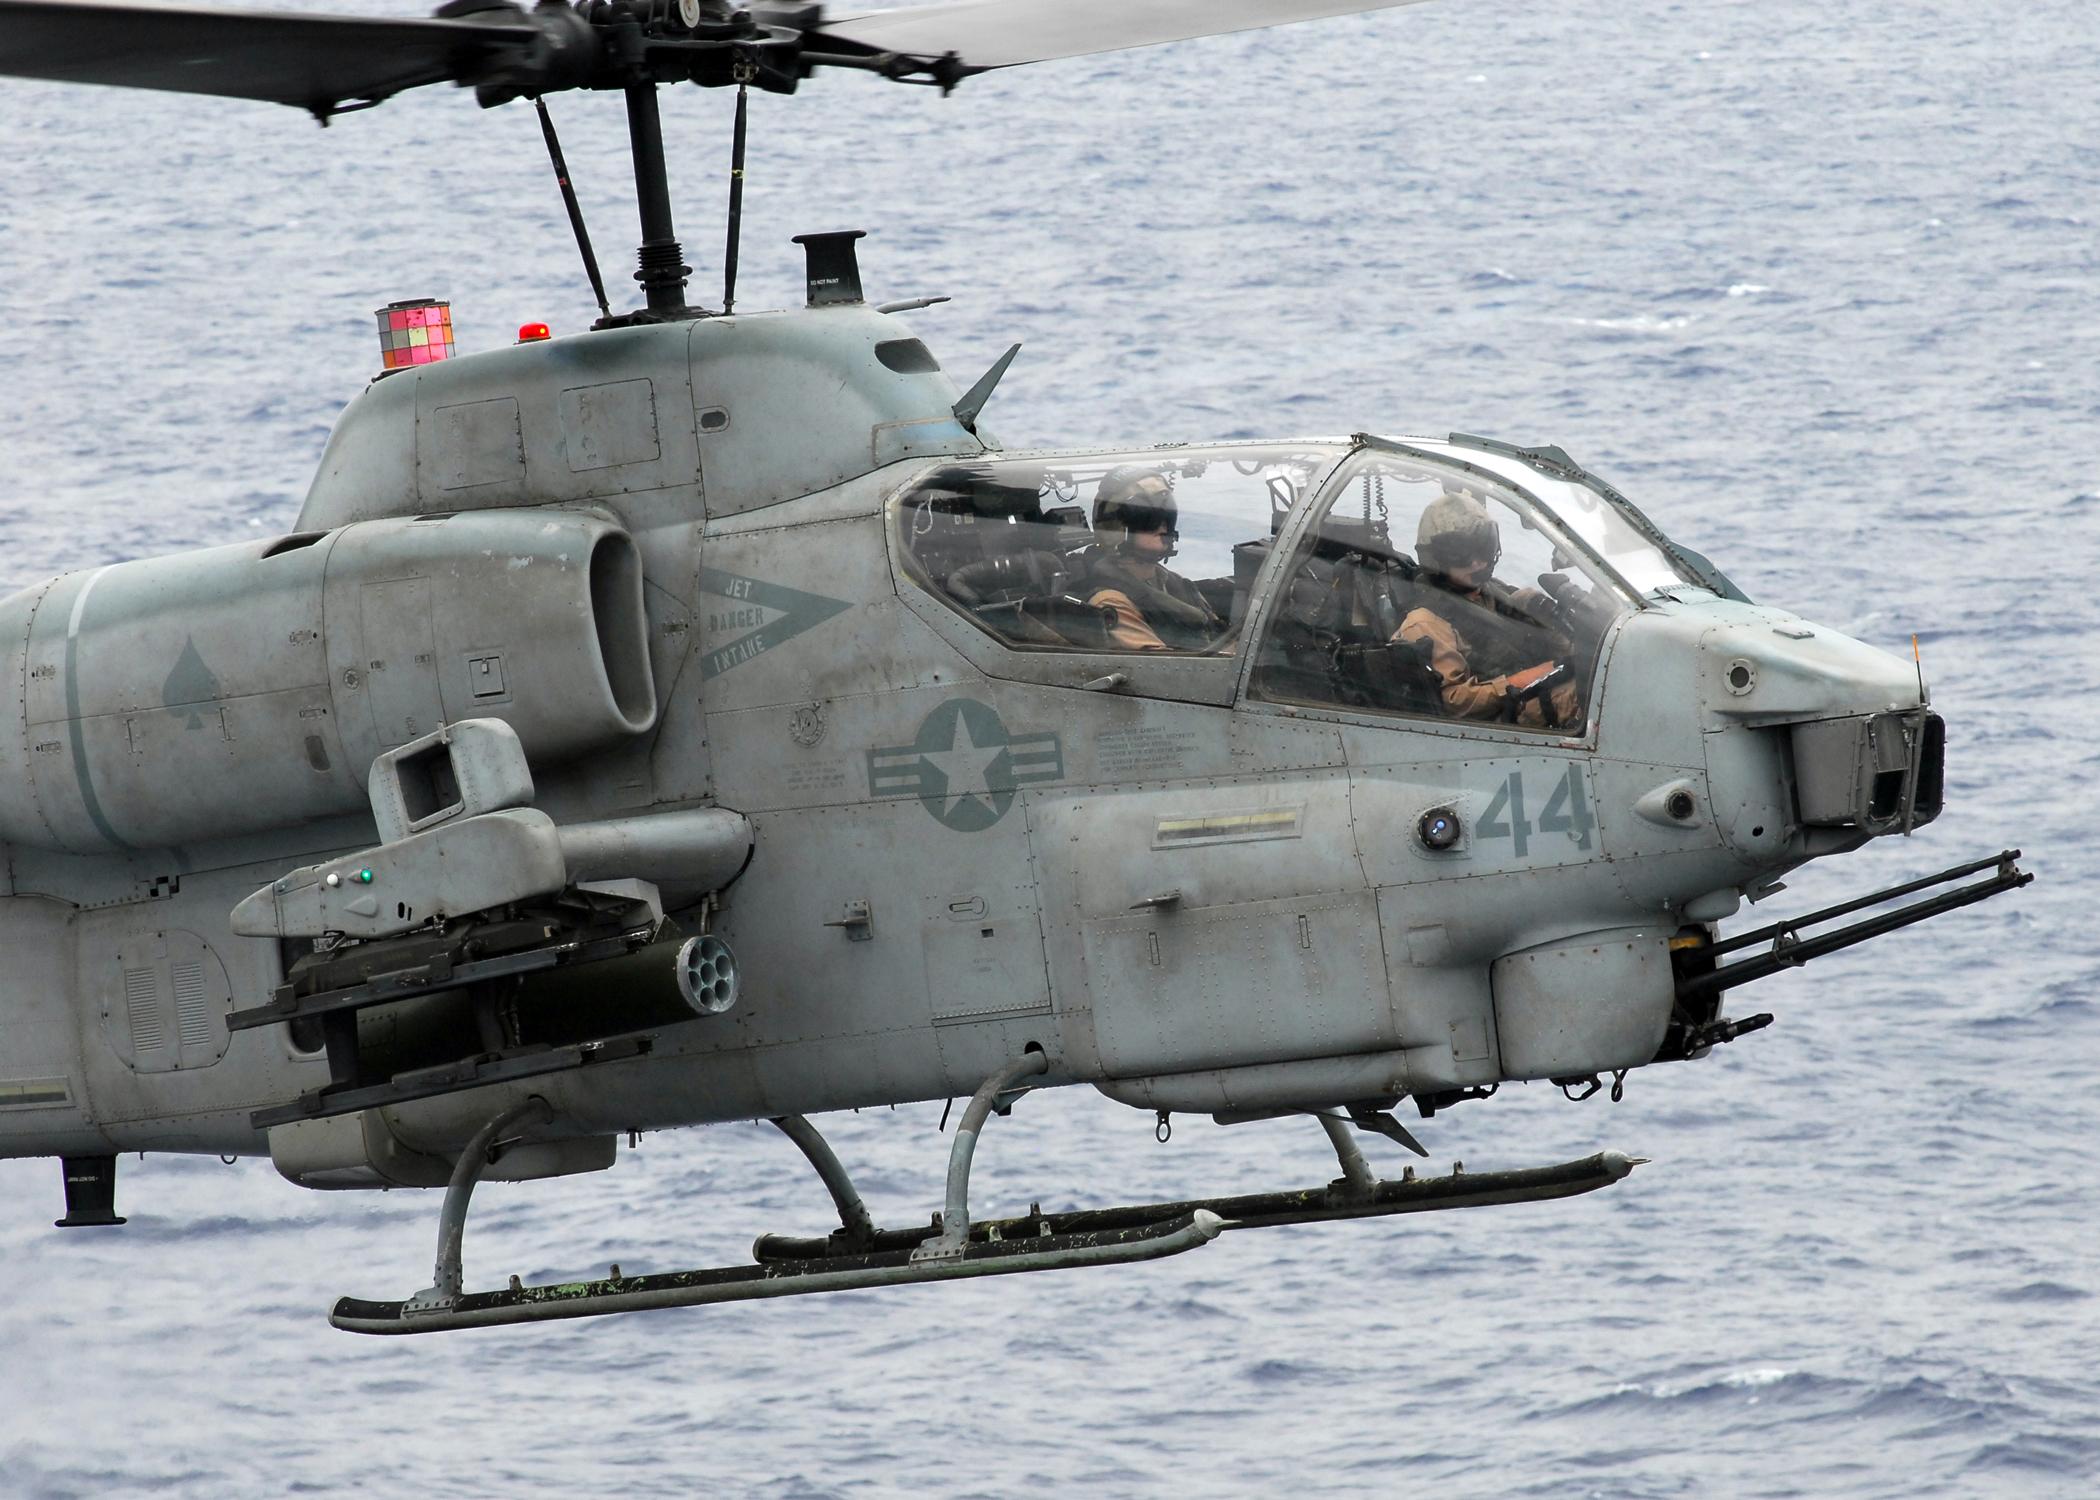 US_Navy_081017-N-2183K-062_An_AH-1W_Supe